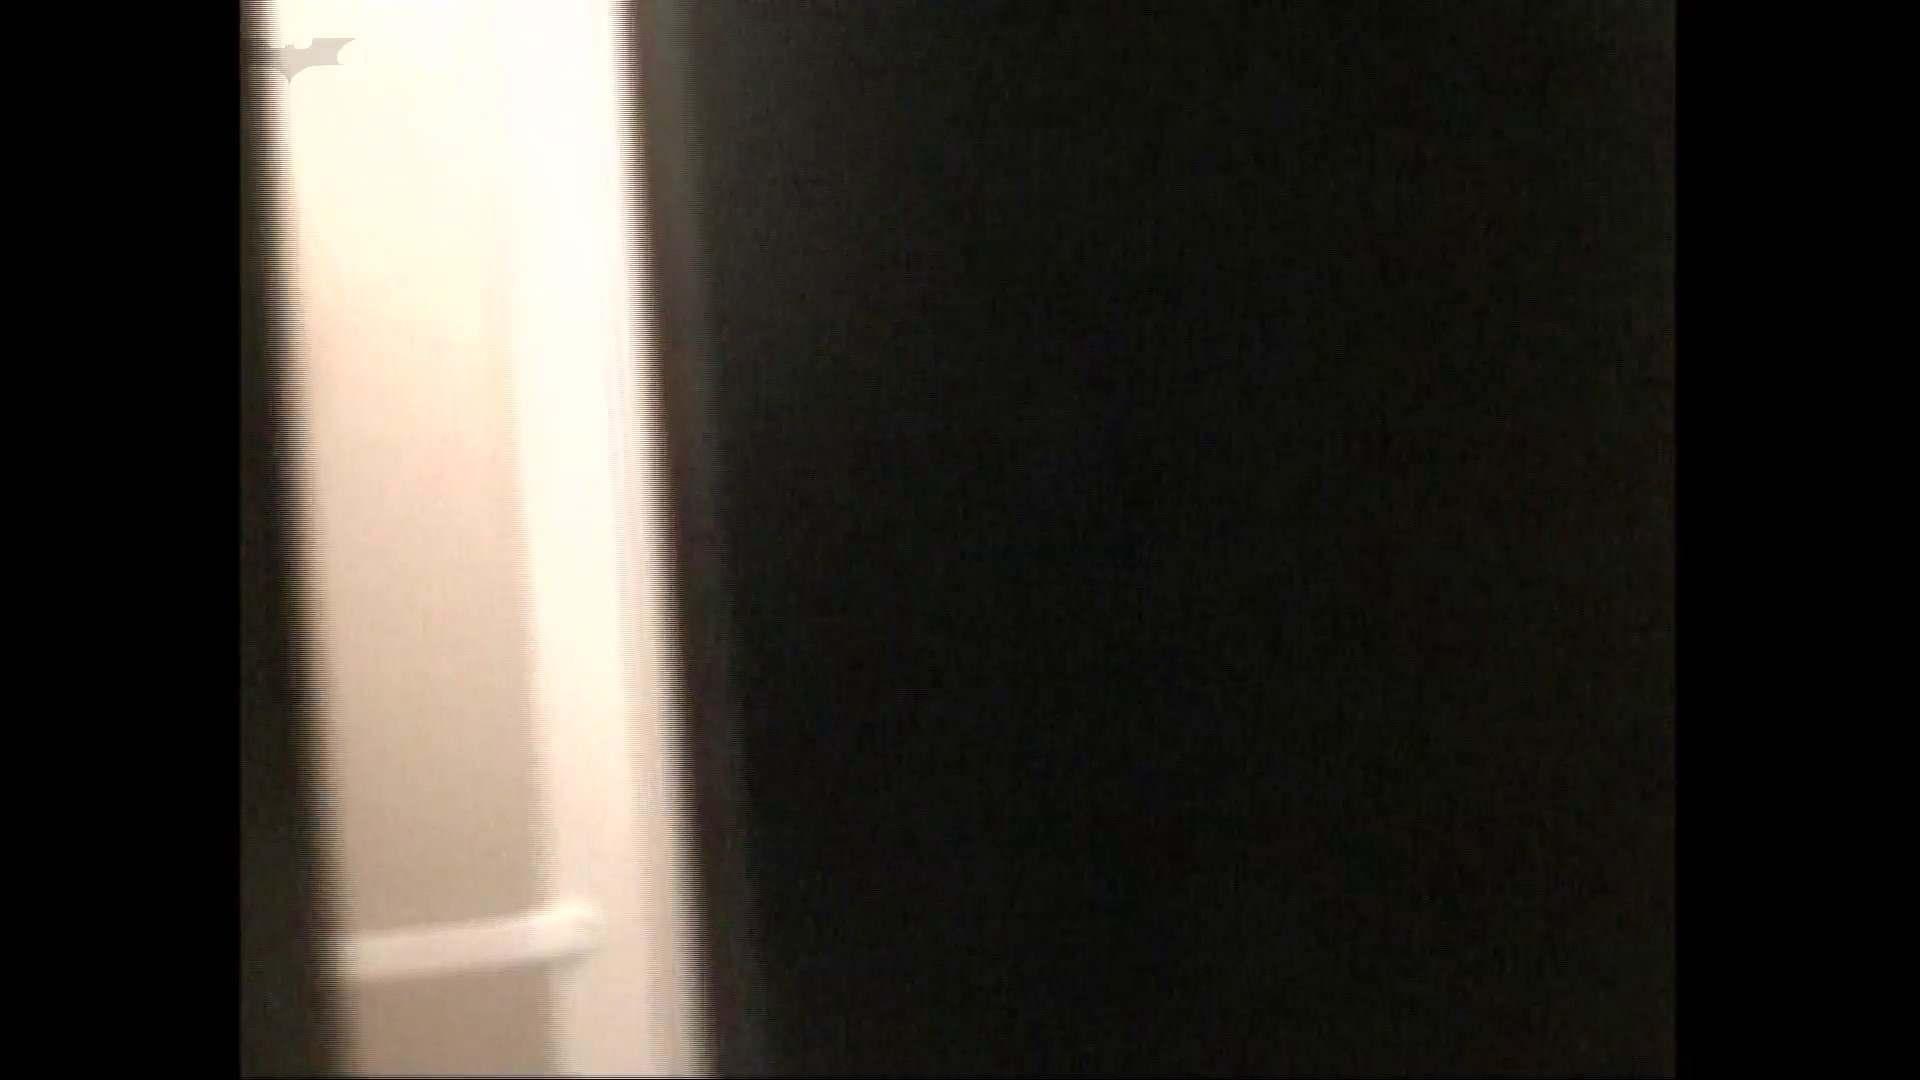 隙間からノゾク風呂 Vol.29 股をグイッとひらいて・・・。 入浴中の女性  69PIX 32